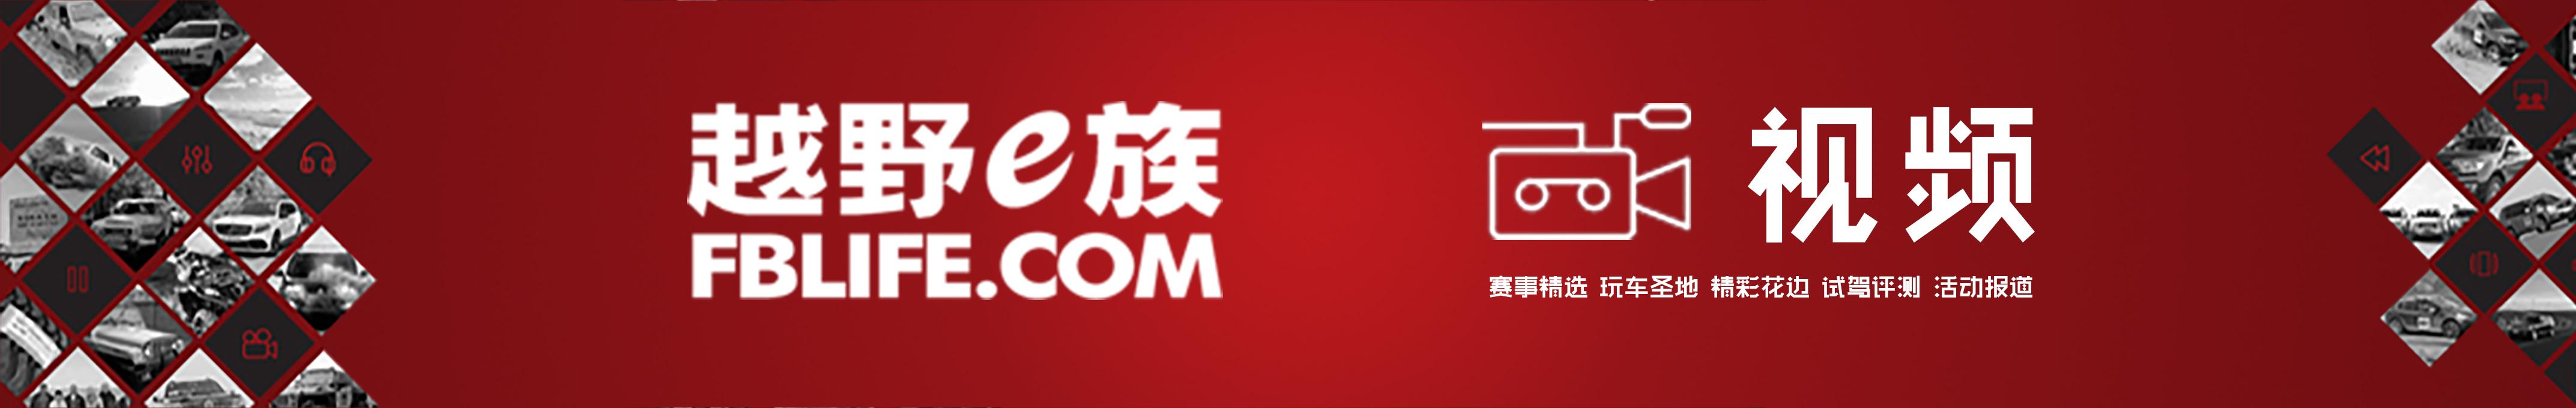 越野e族 banner